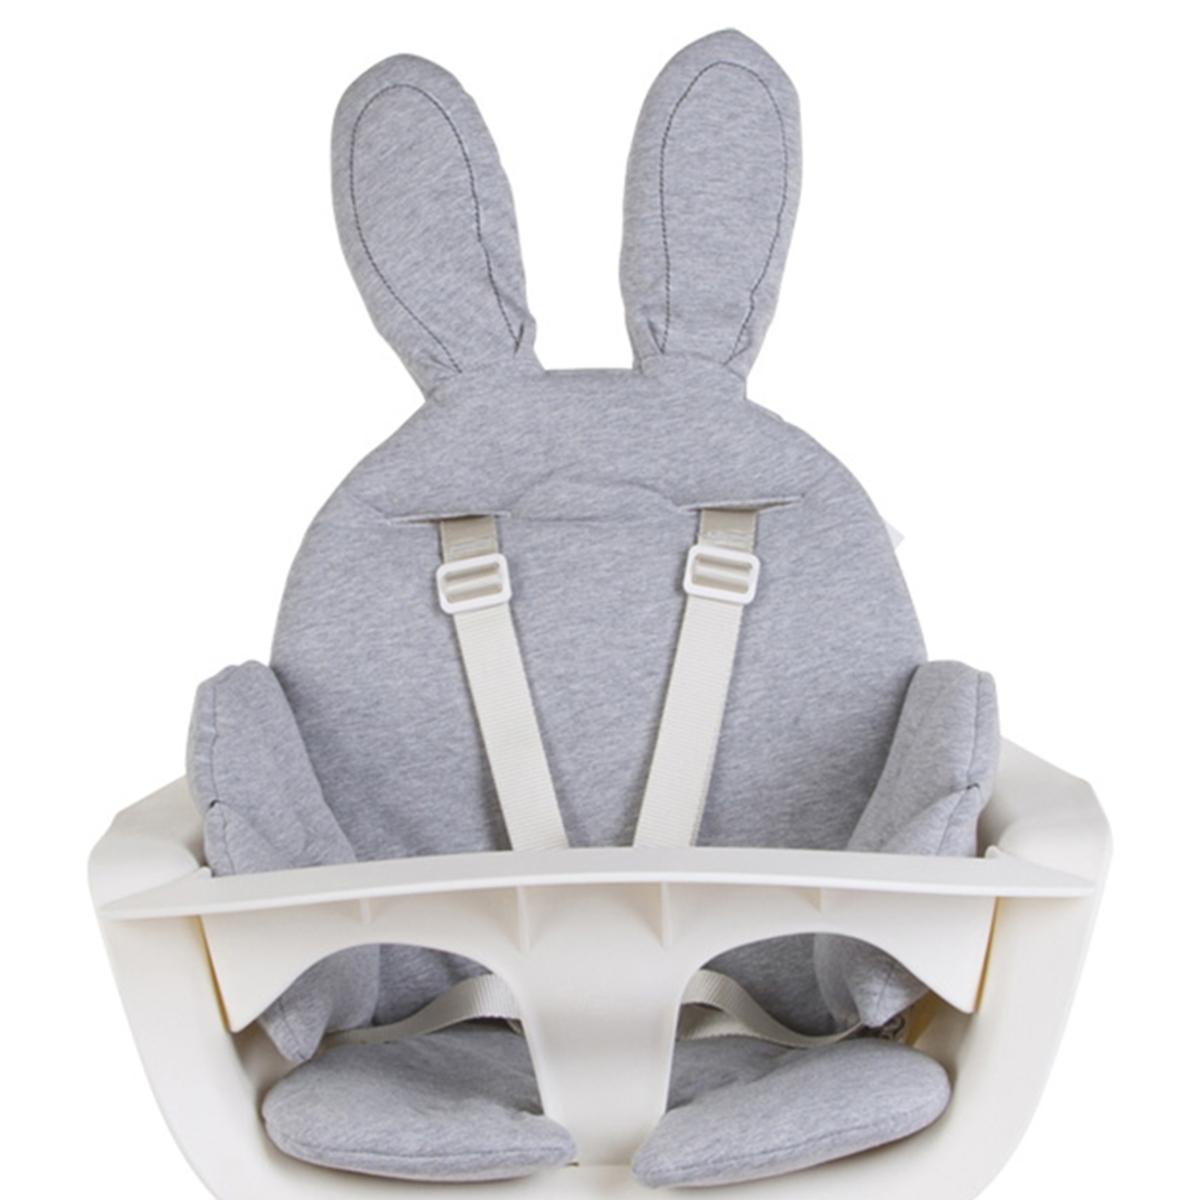 Chaise haute Coussin de Chaise Haute Rabbit Jersey - Gris Coussin de Chaise Haute Rabbit Jersey - Gris